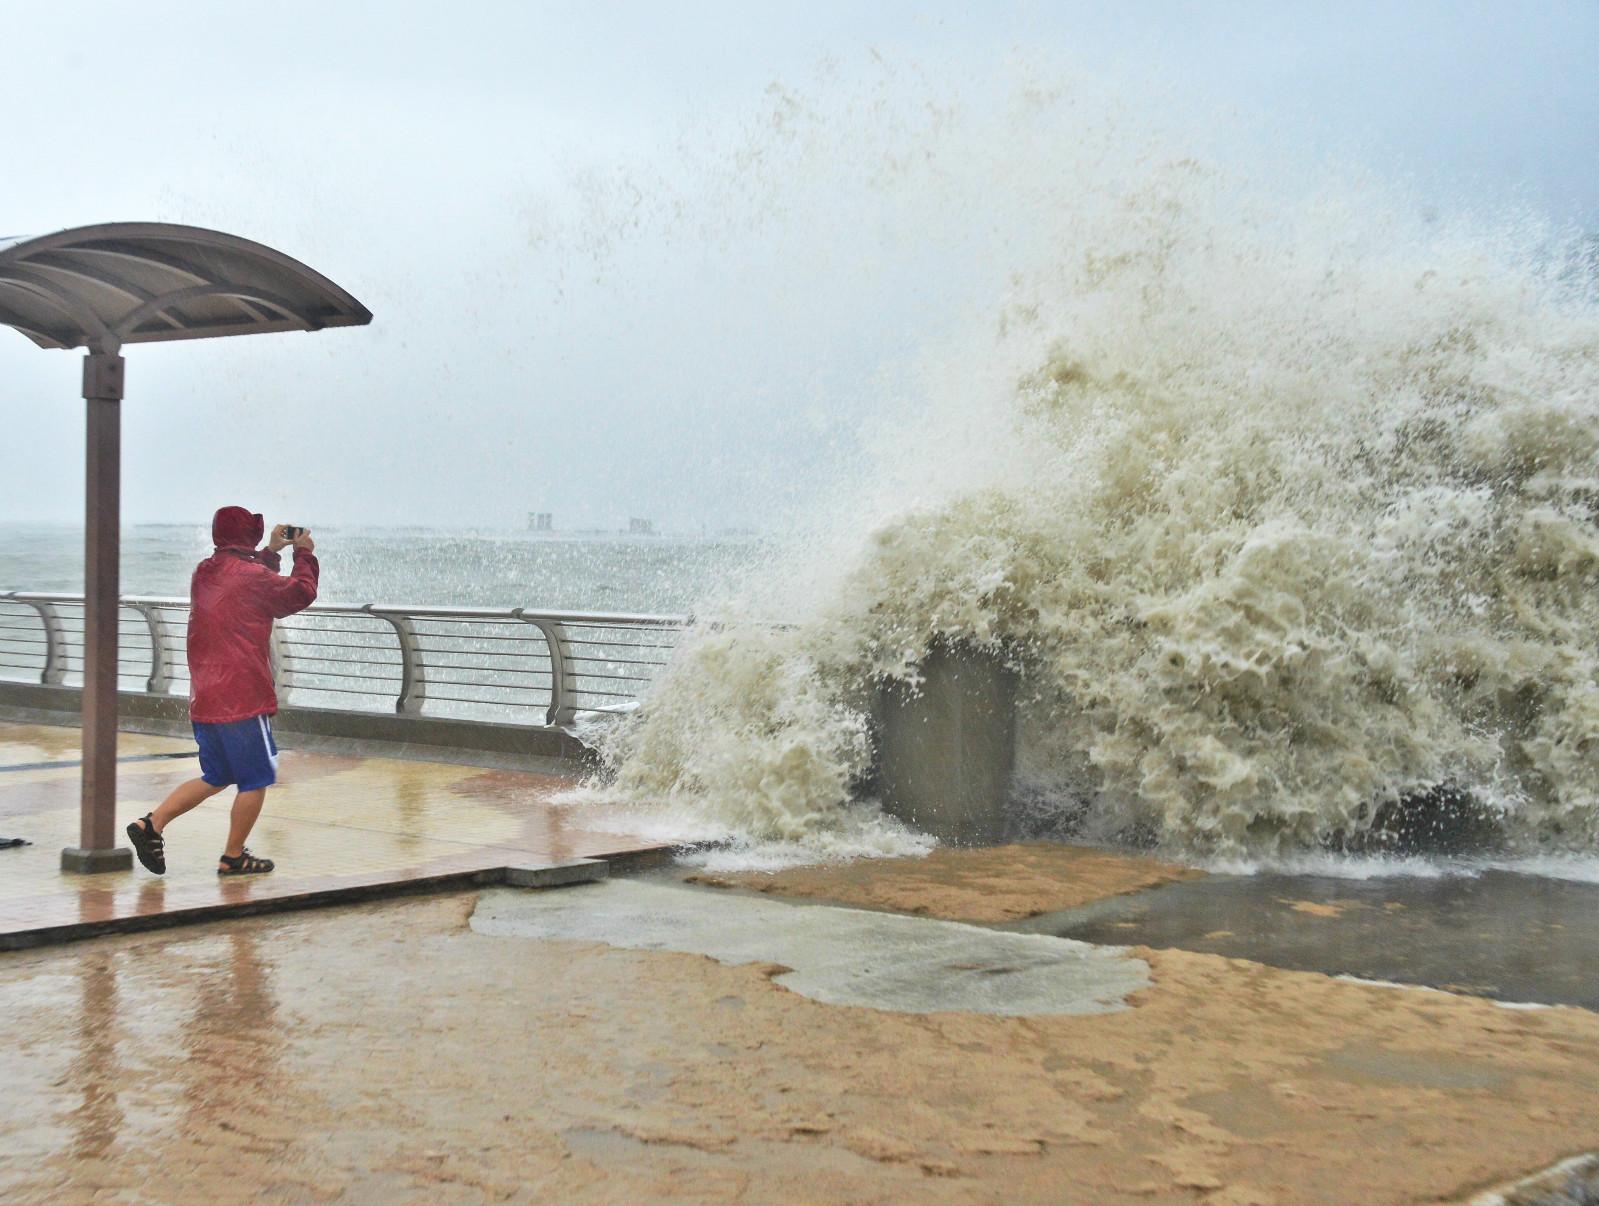 天文台警報鄰近海域吹颶風。資料圖片